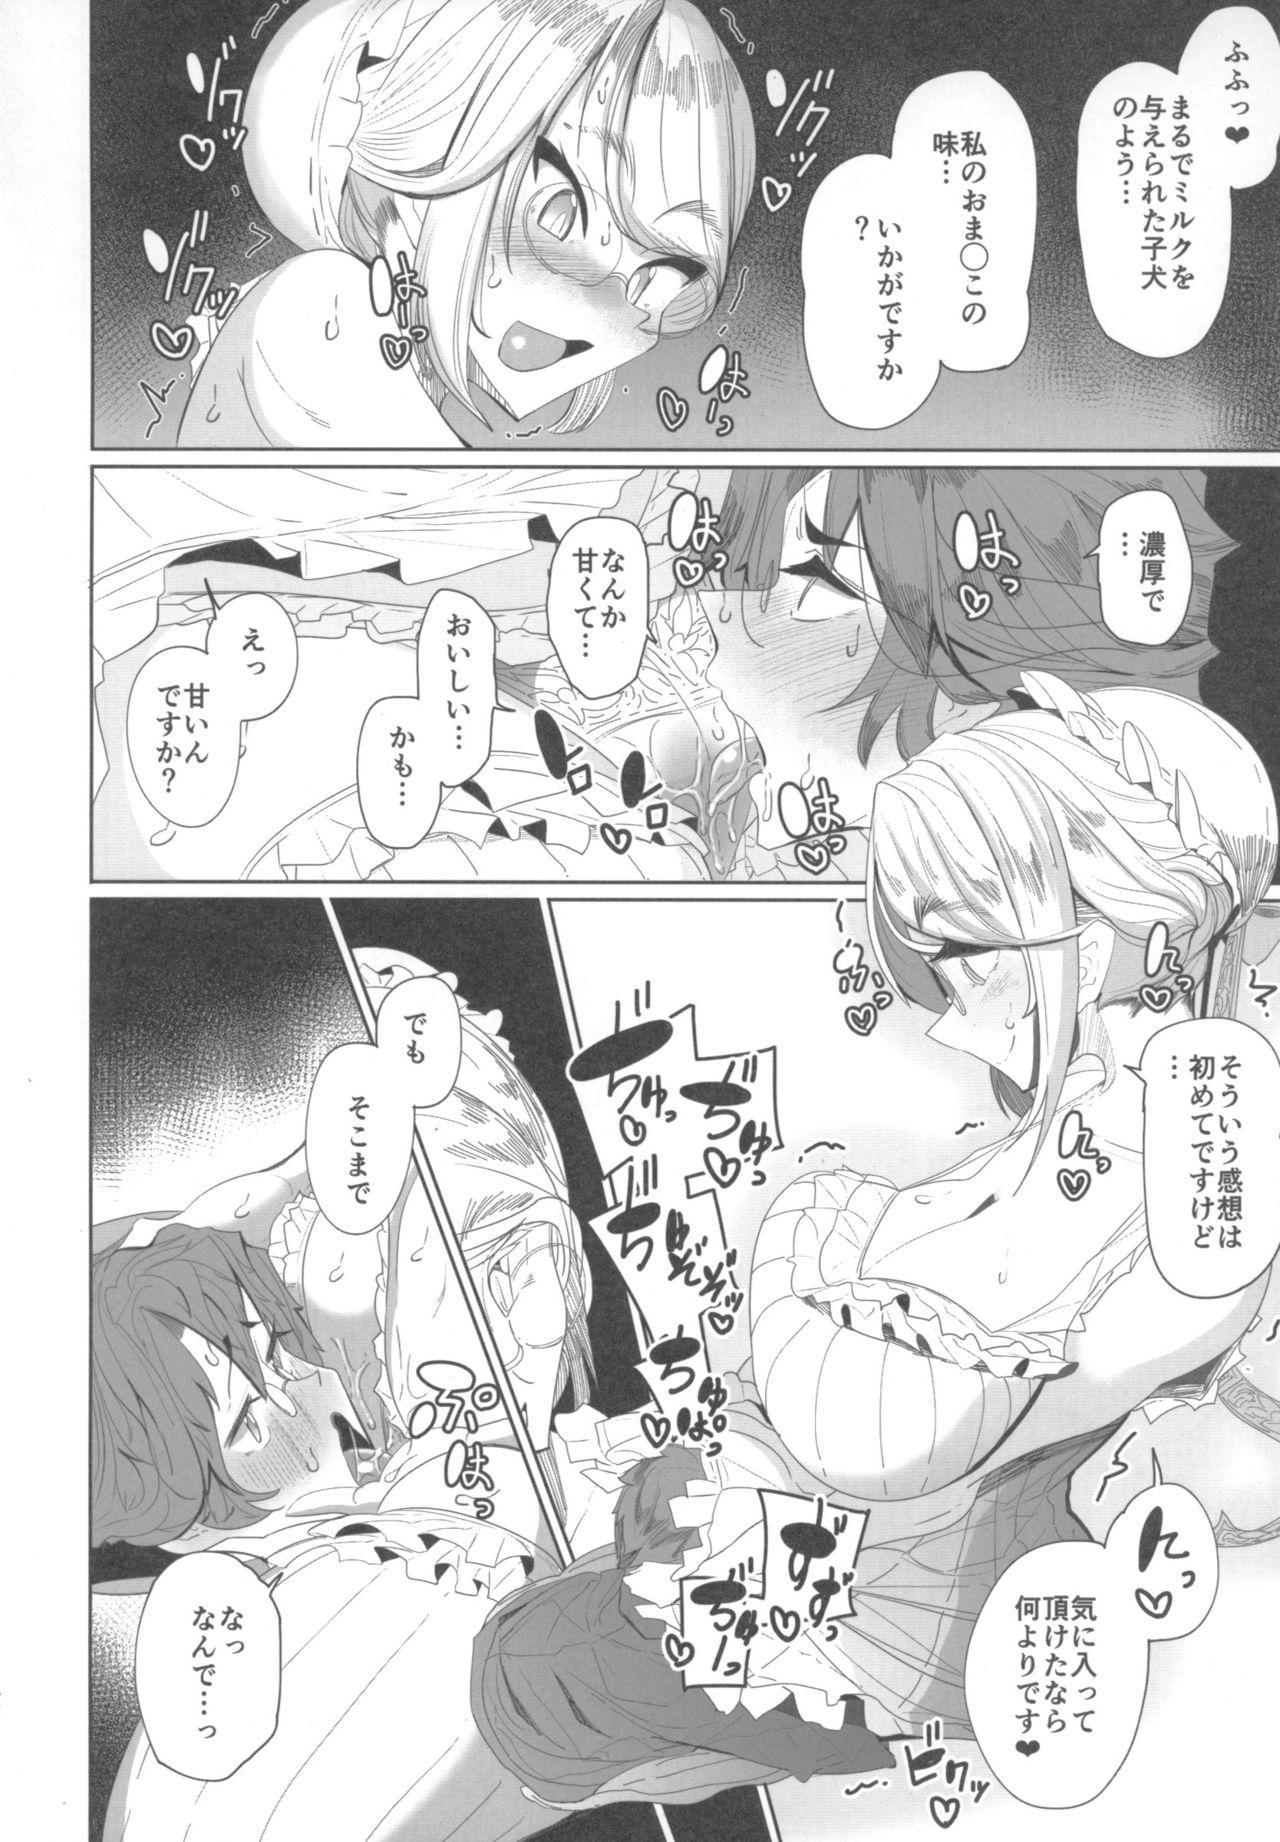 Shinshi Tsuki Maid no Sophie-san 1 40